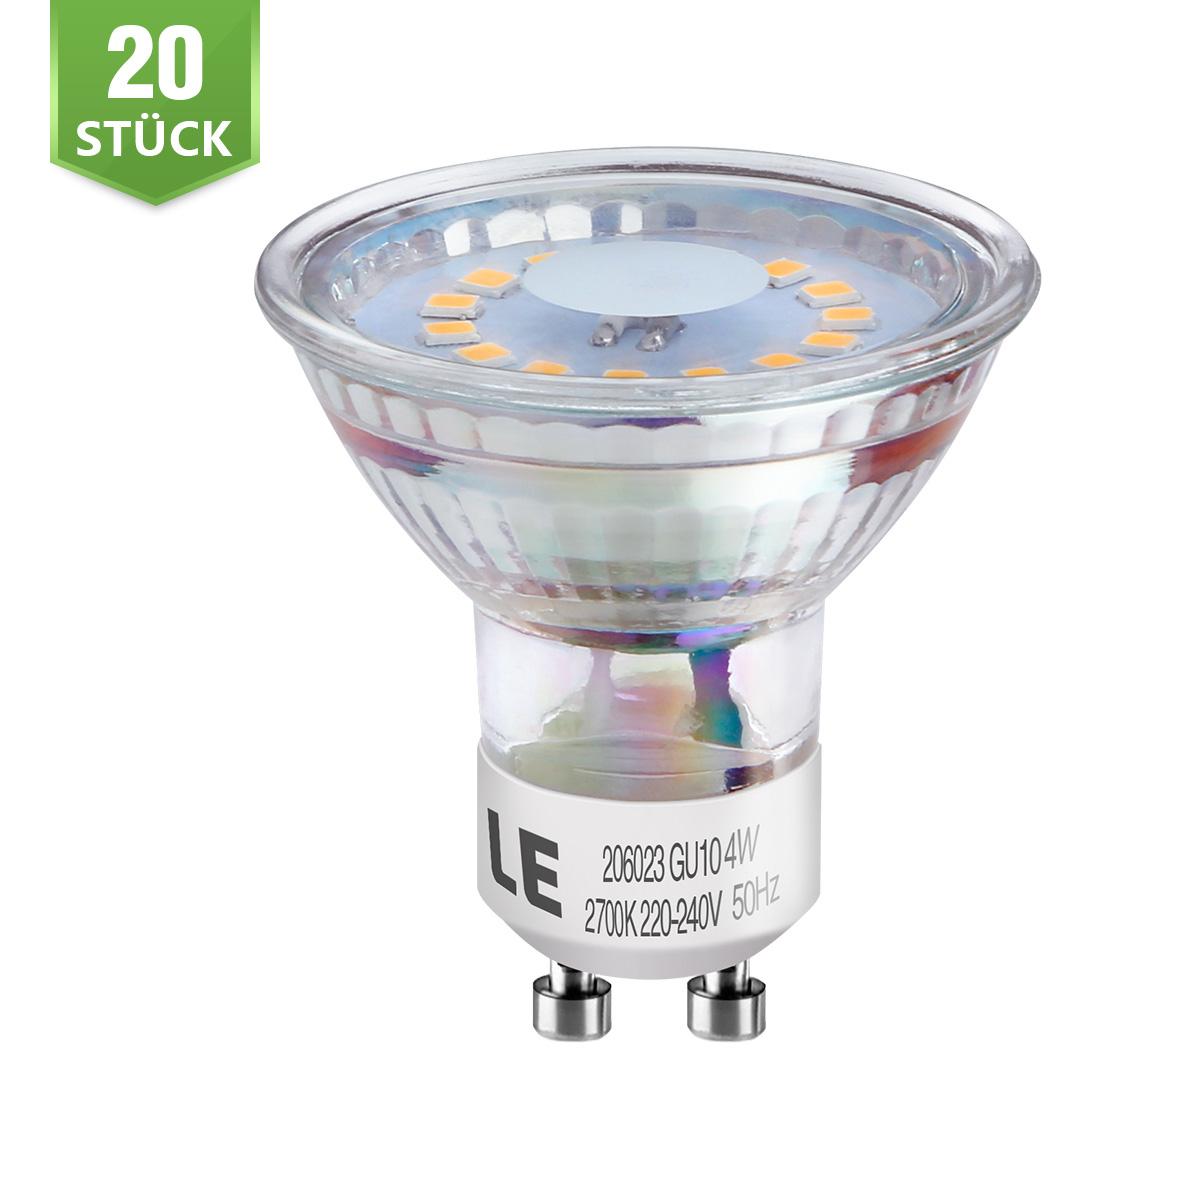 [Bündel] 3,5W GU10 MR16 LED Spot, 350lm Leuchtmittel, Ersatz für 50W Halogen, Warmweiß, 20er Set